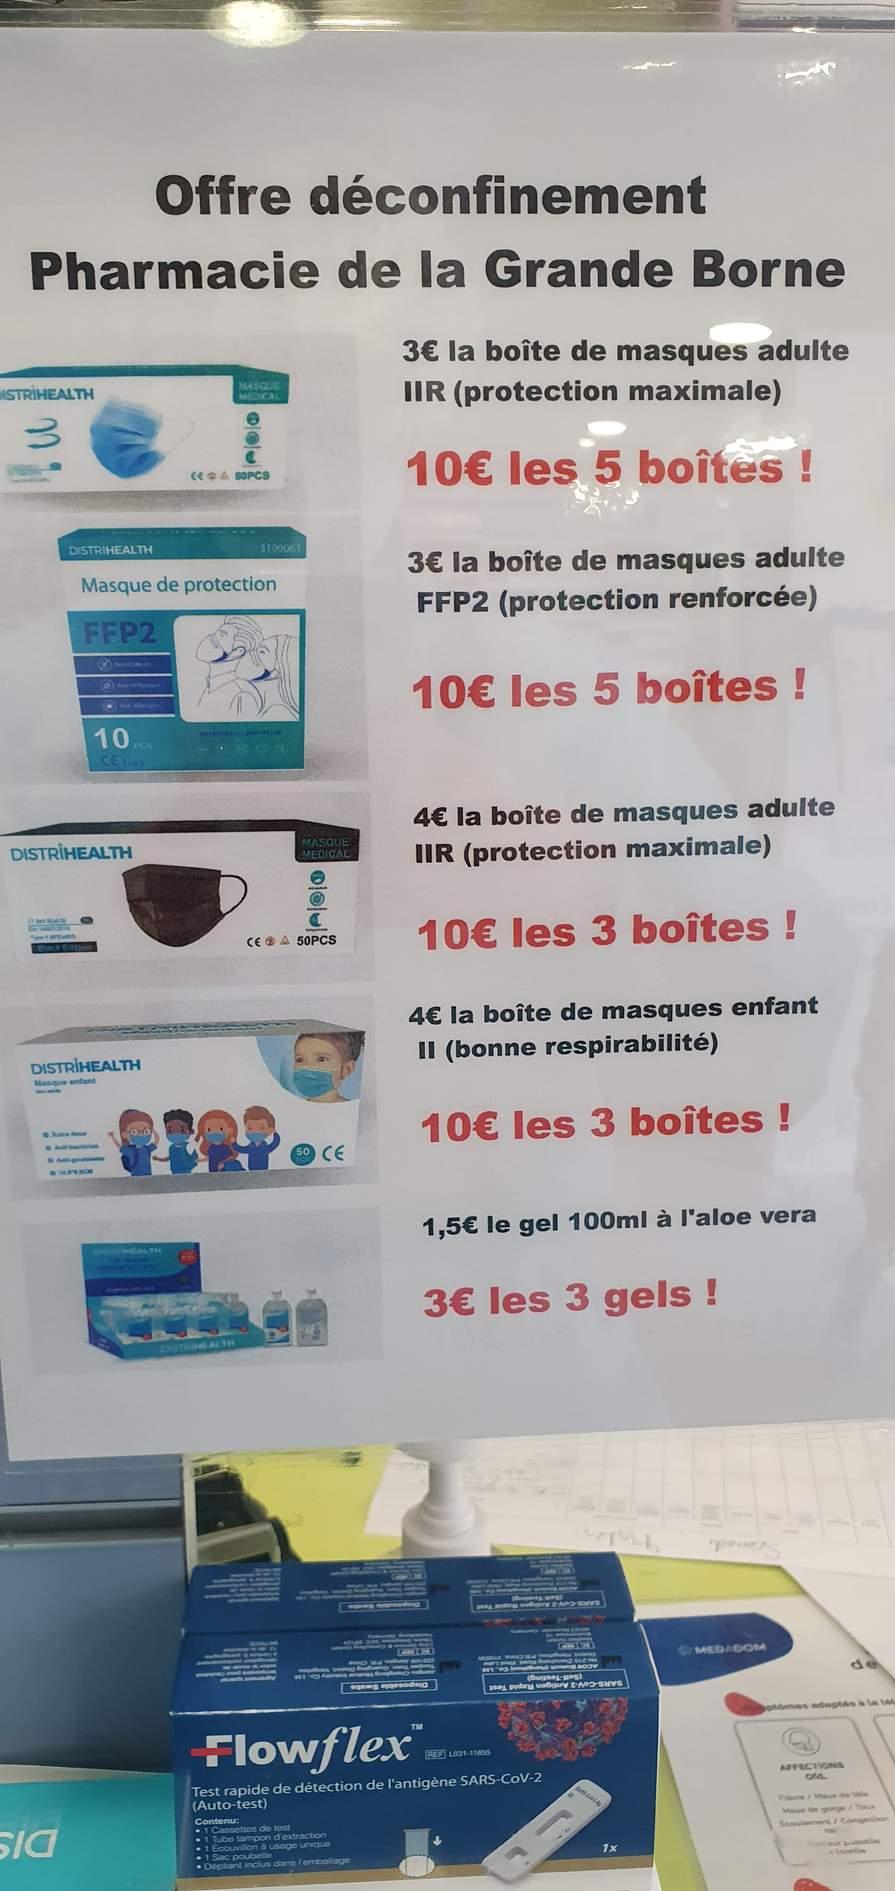 Sélection de produits en promotion - Ex : Lot de 3 gels hydroalcoolique à l'aloe vera (3 x 100ml) - Pharmacie place aux herbes Grigny (91)